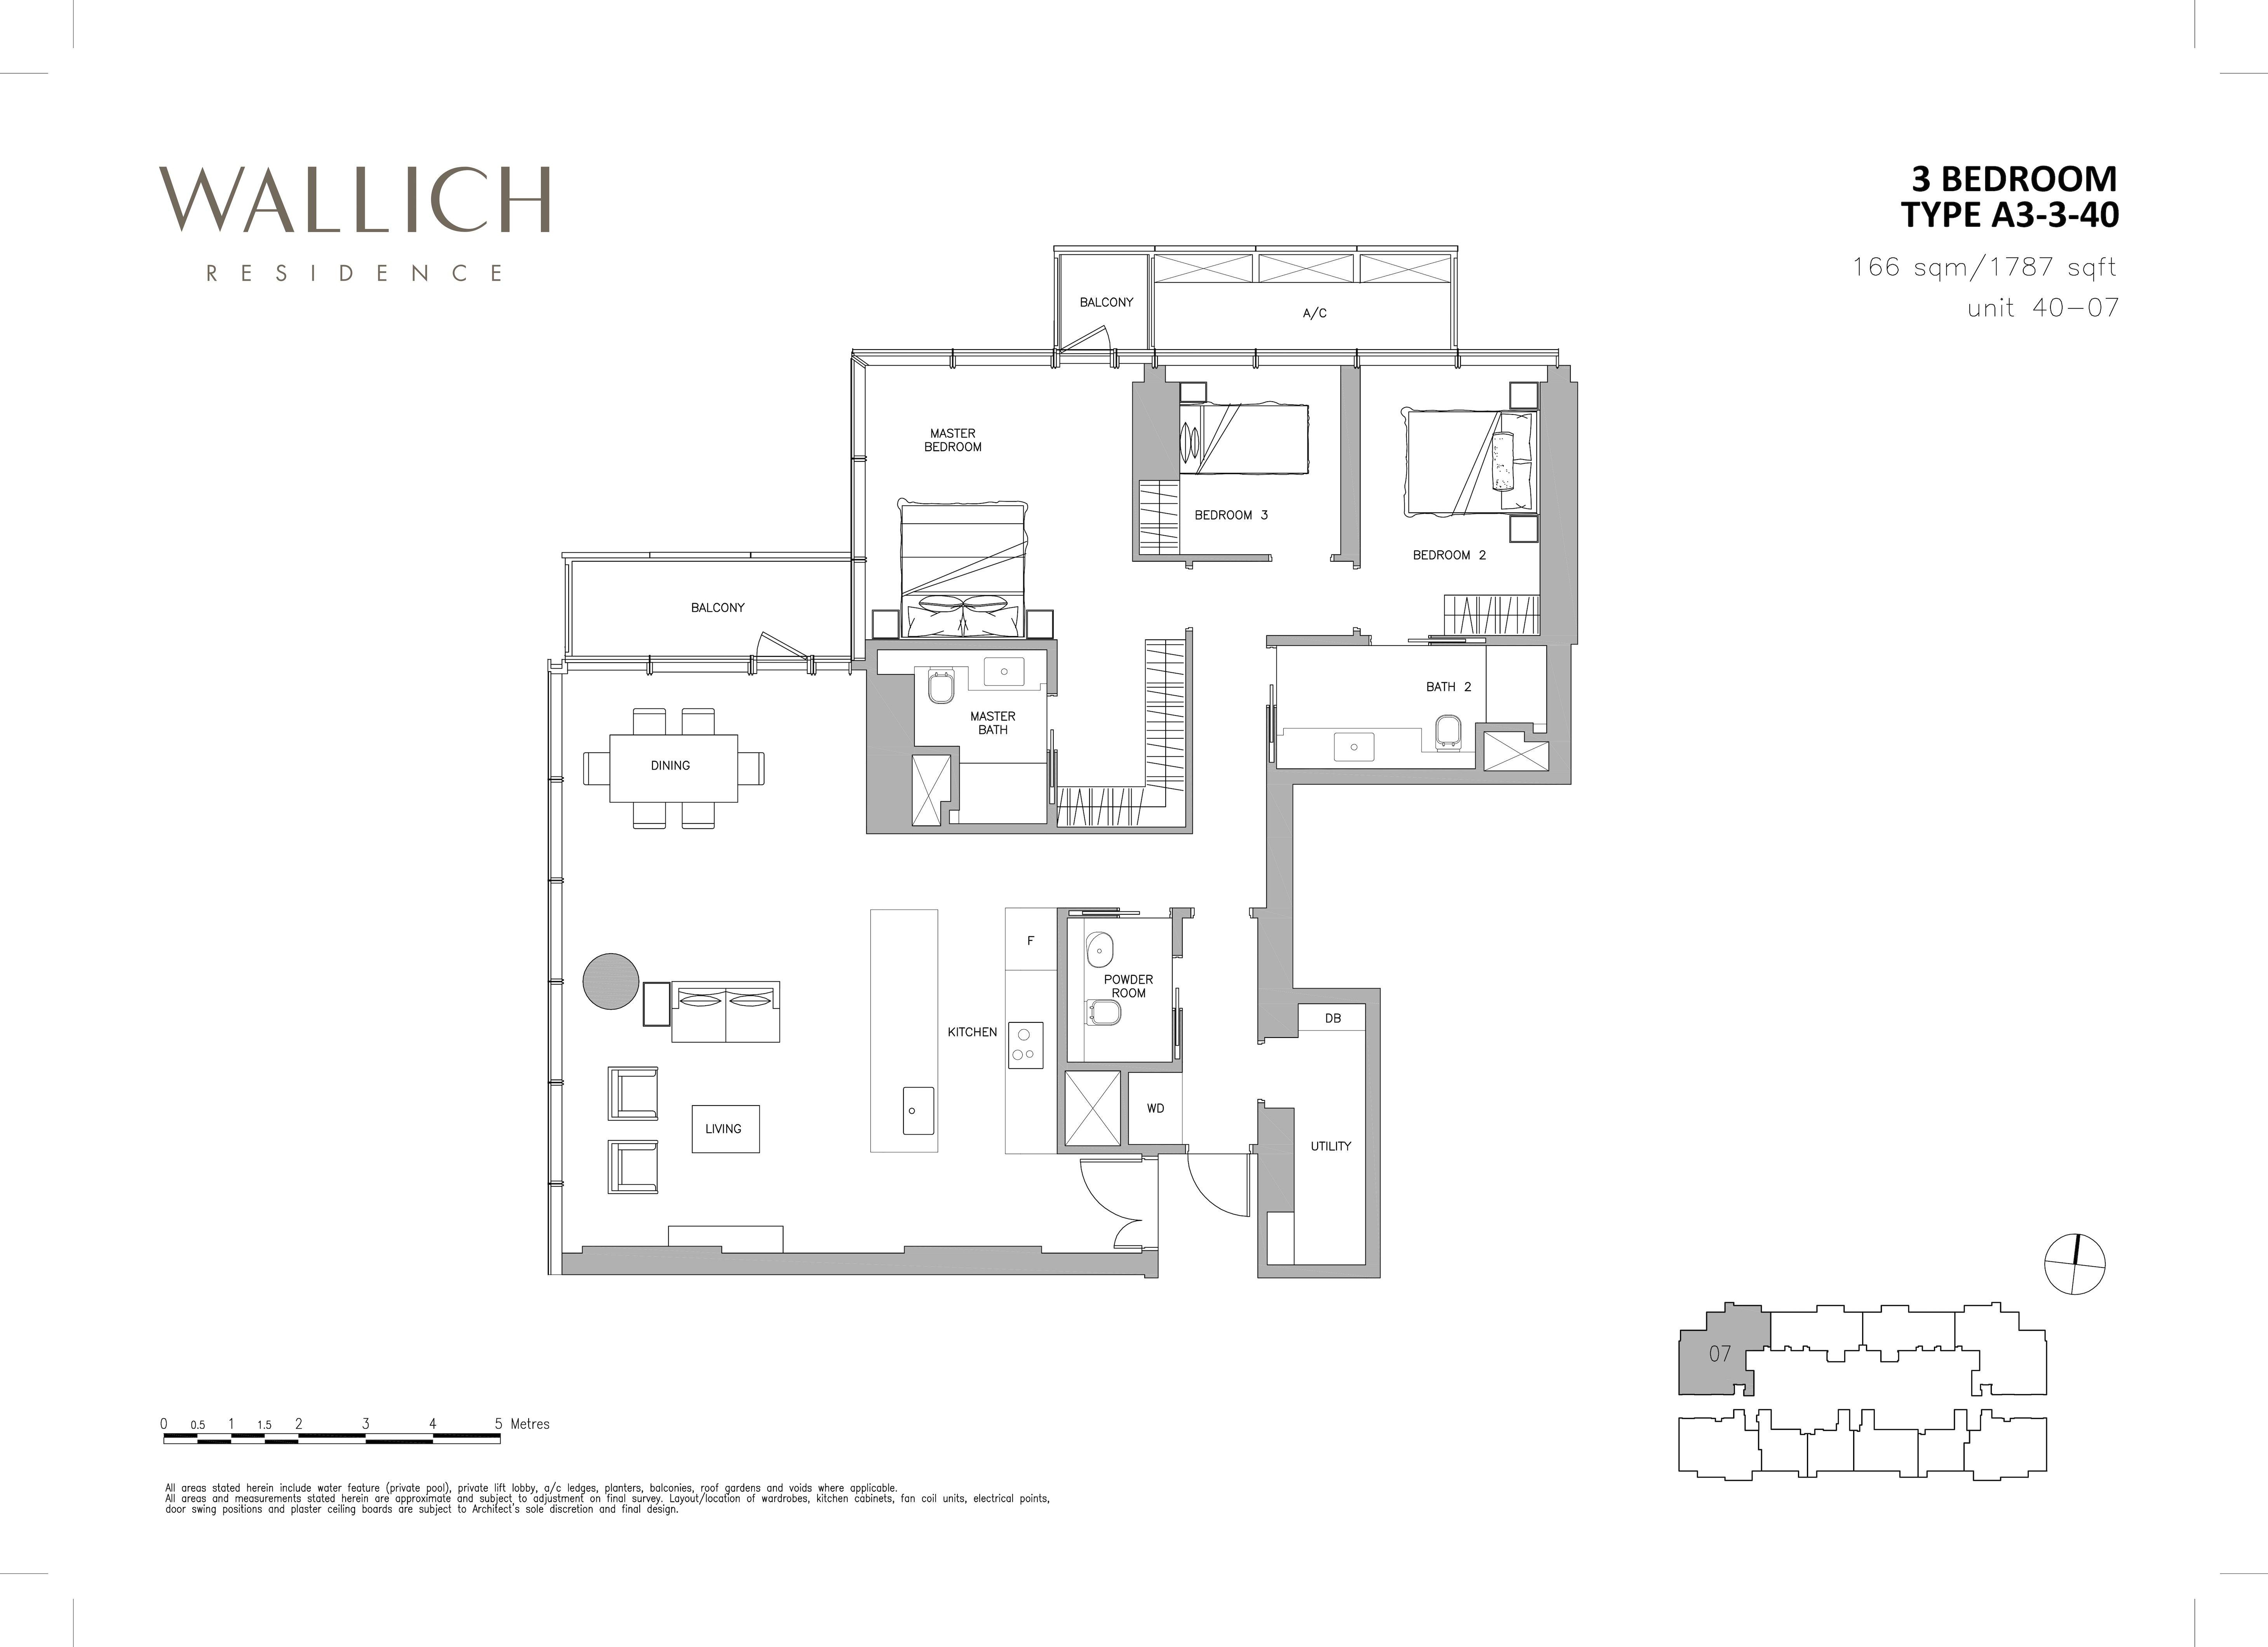 华利世家 wallich residence 3-Bedroom floor plan edit